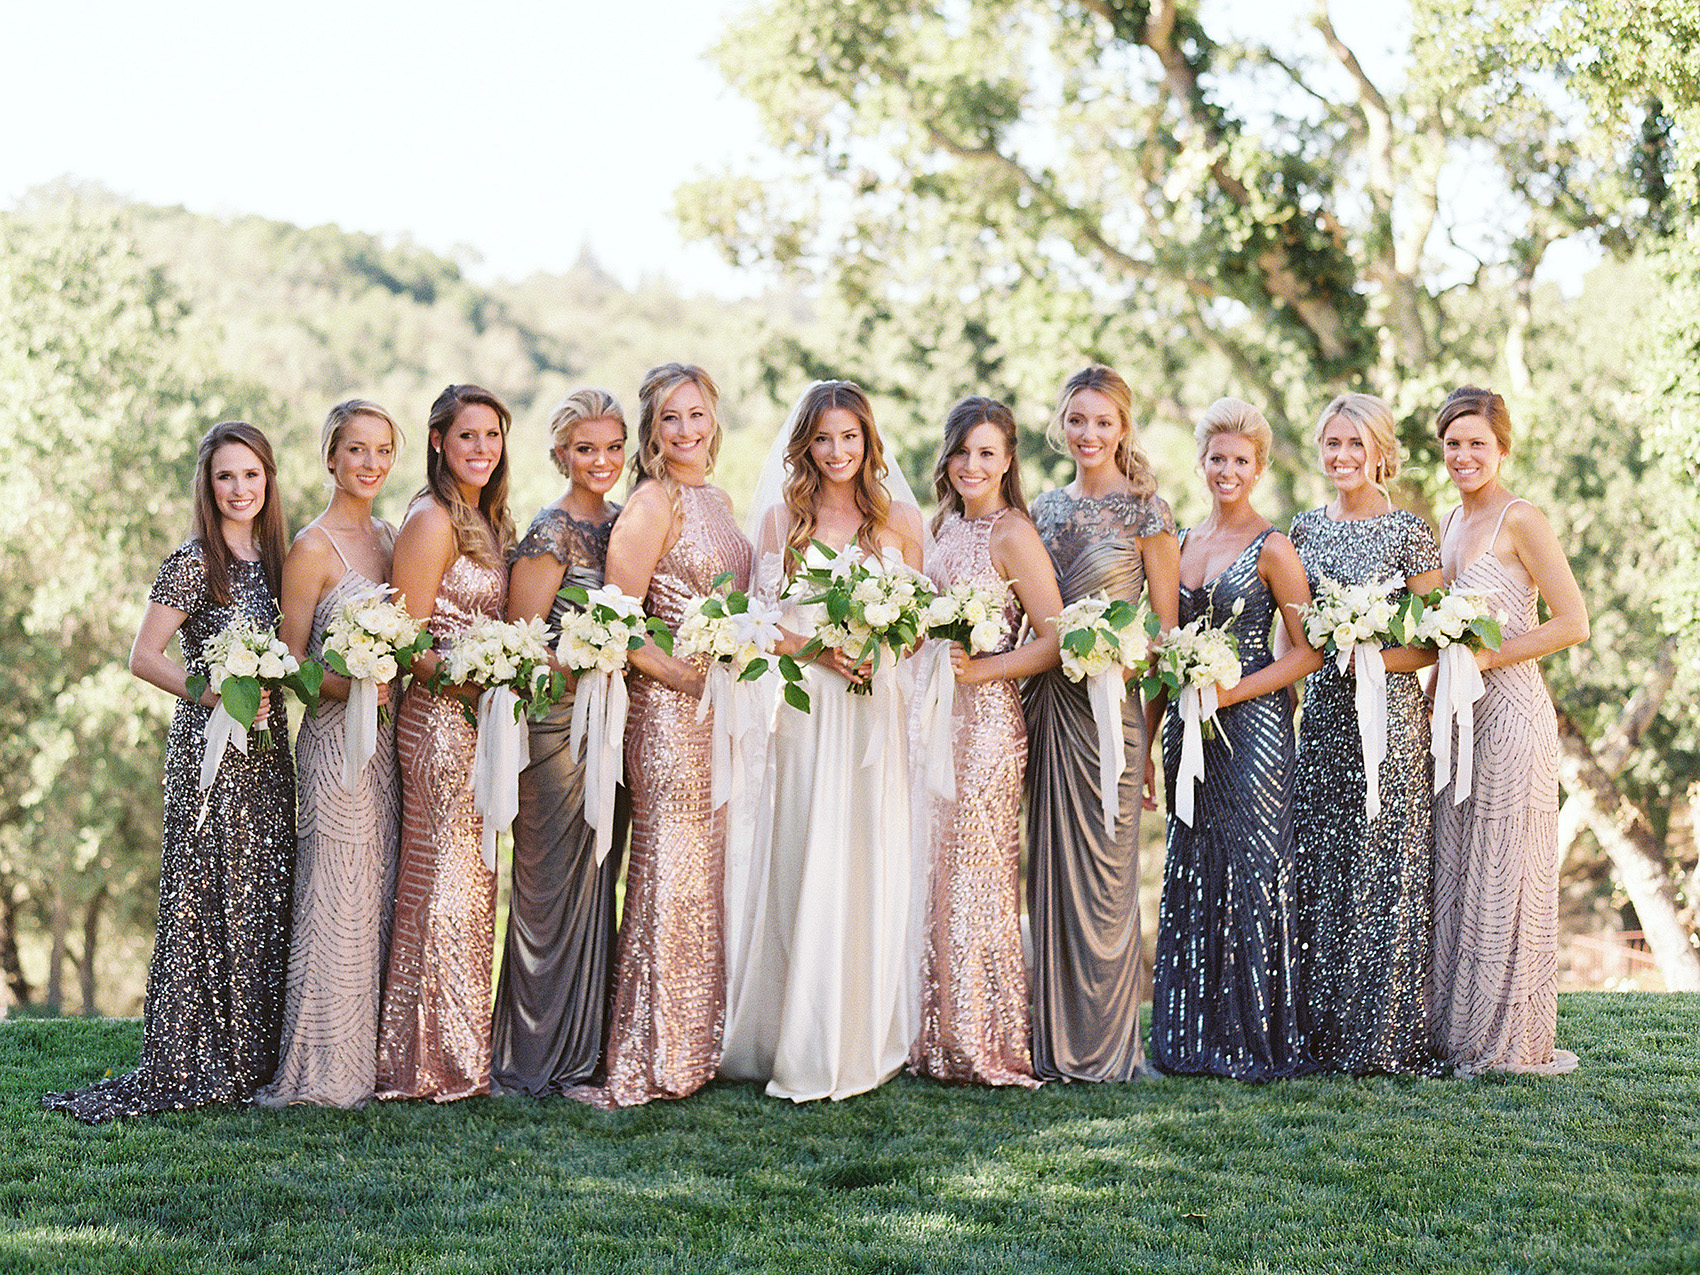 sparkling bridesmaids dresses